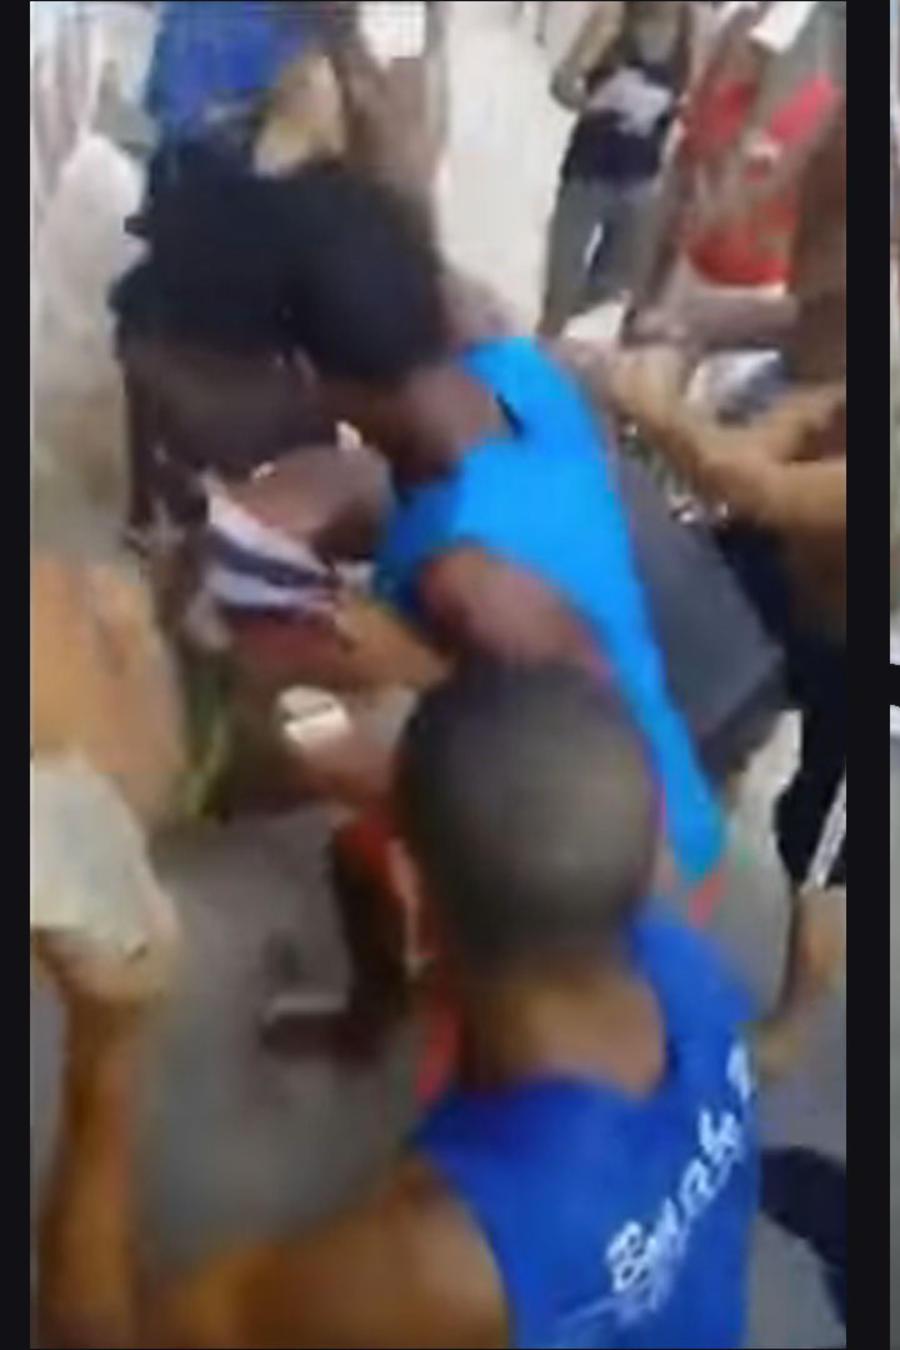 Lo sorpendieron abusando a una niña y le dieron una golpiza.jpg